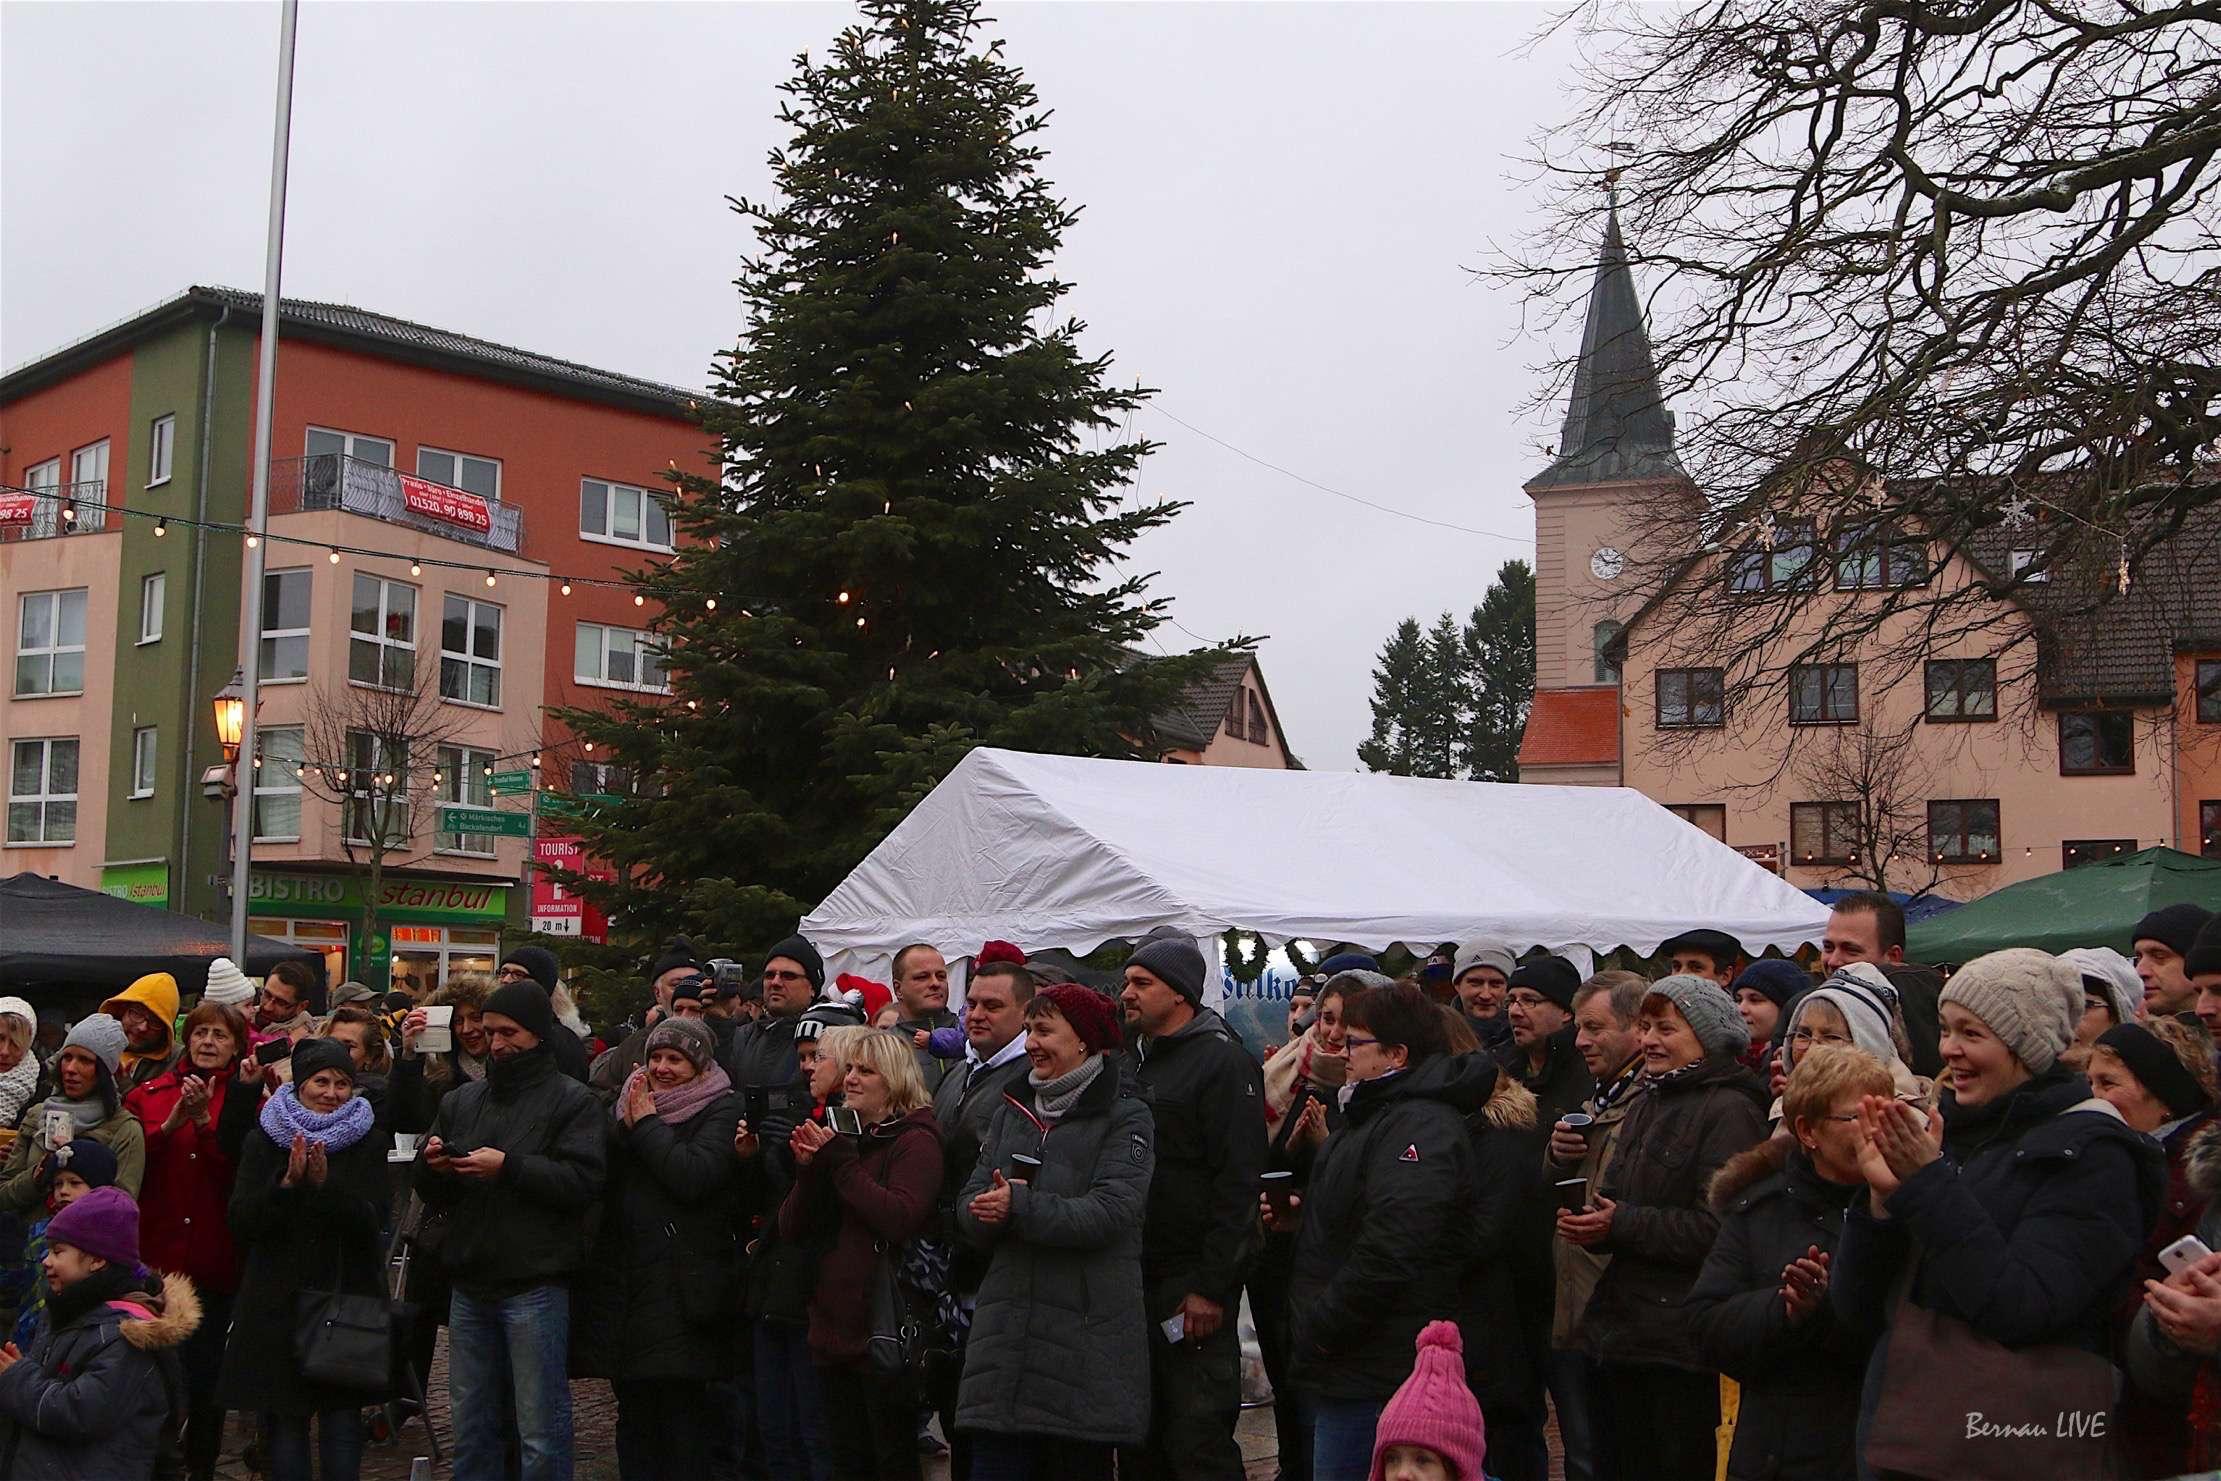 Weihnachtsmarkt in Biesenthal - Schön war´s • Bernau LIVE